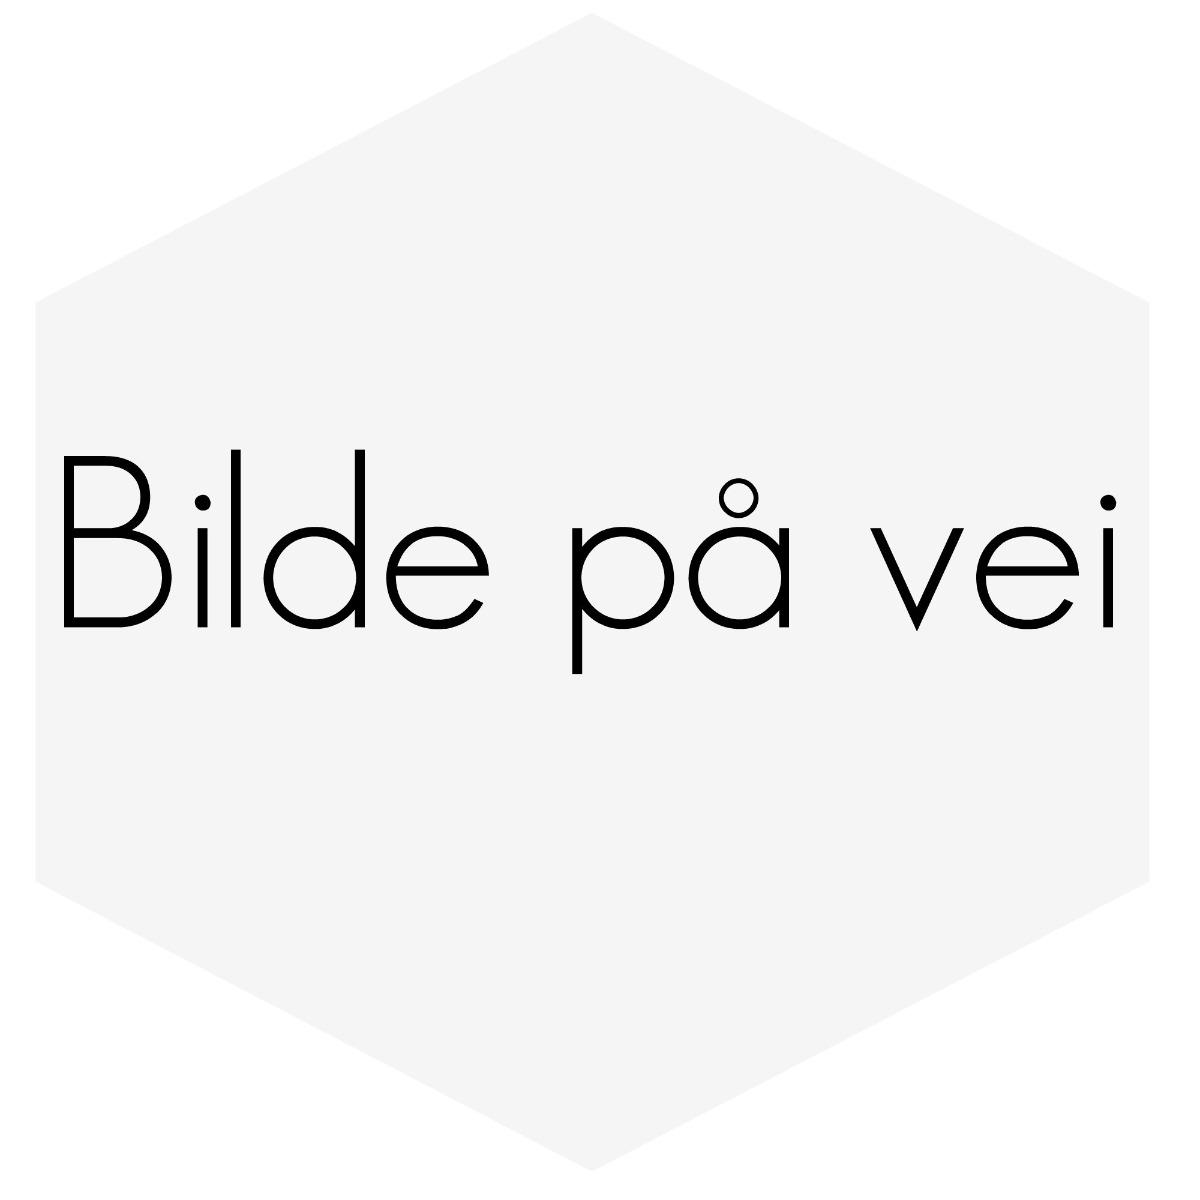 KANAL YTRE SVEISE METALL TIL VOLVO AMAZON HØYRE SIDE